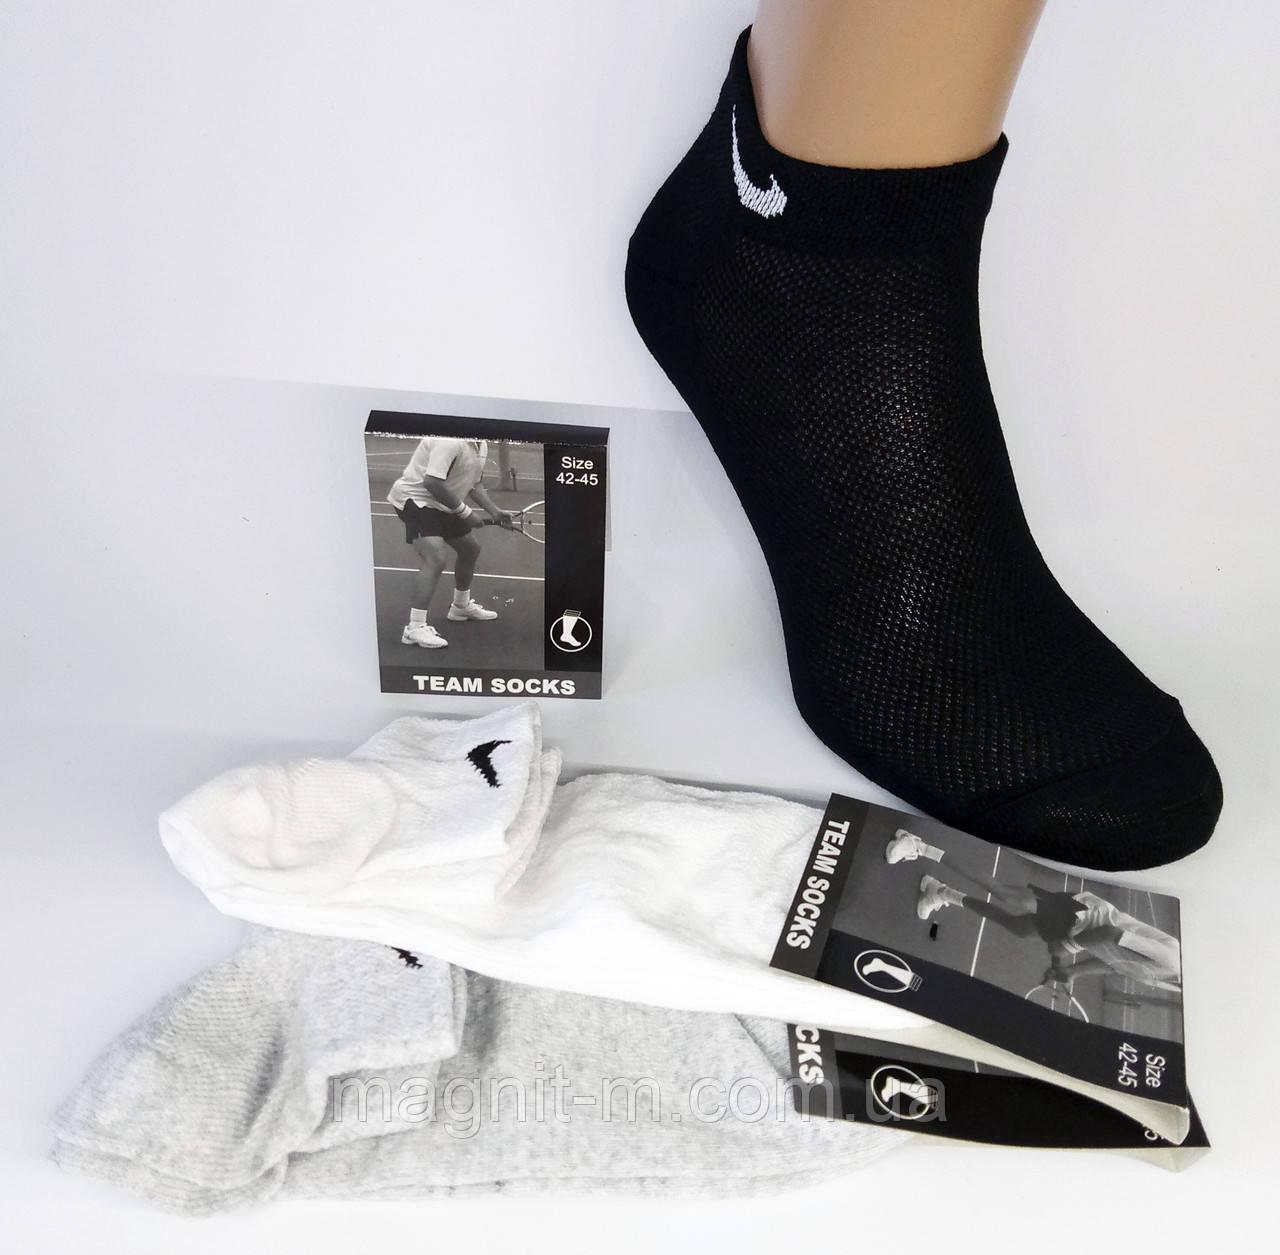 Шкарпетки чоловічі короткі. Сітка. Р-Р 42-45. Чорний, сірий, білий.